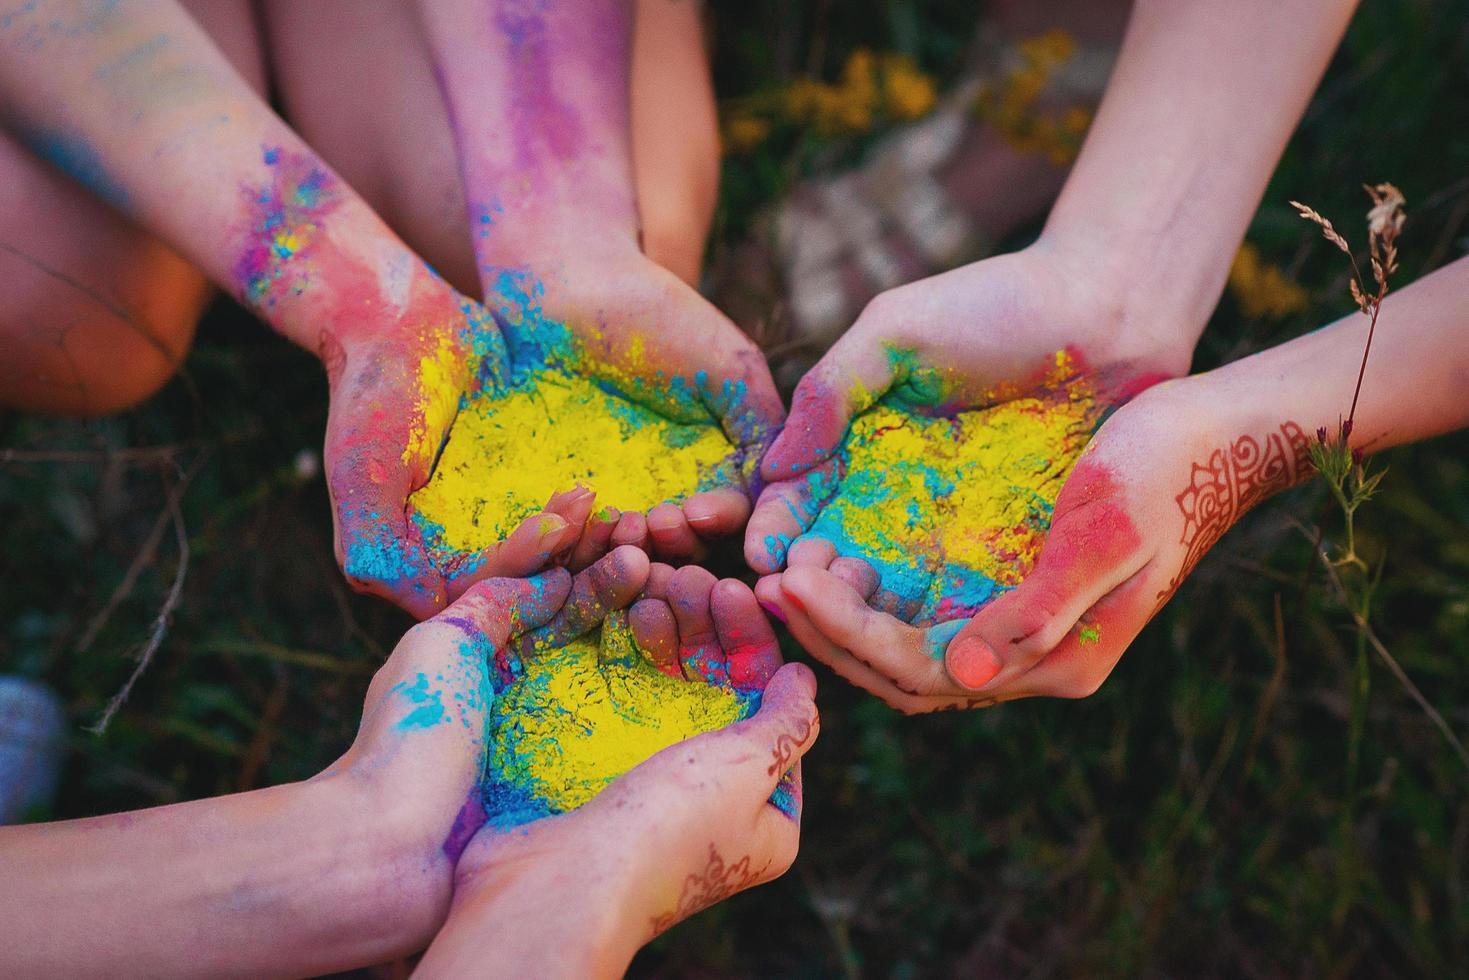 polvere colorante multicolore nelle mani al festival dell'agrifoglio. Arcobaleno. foto